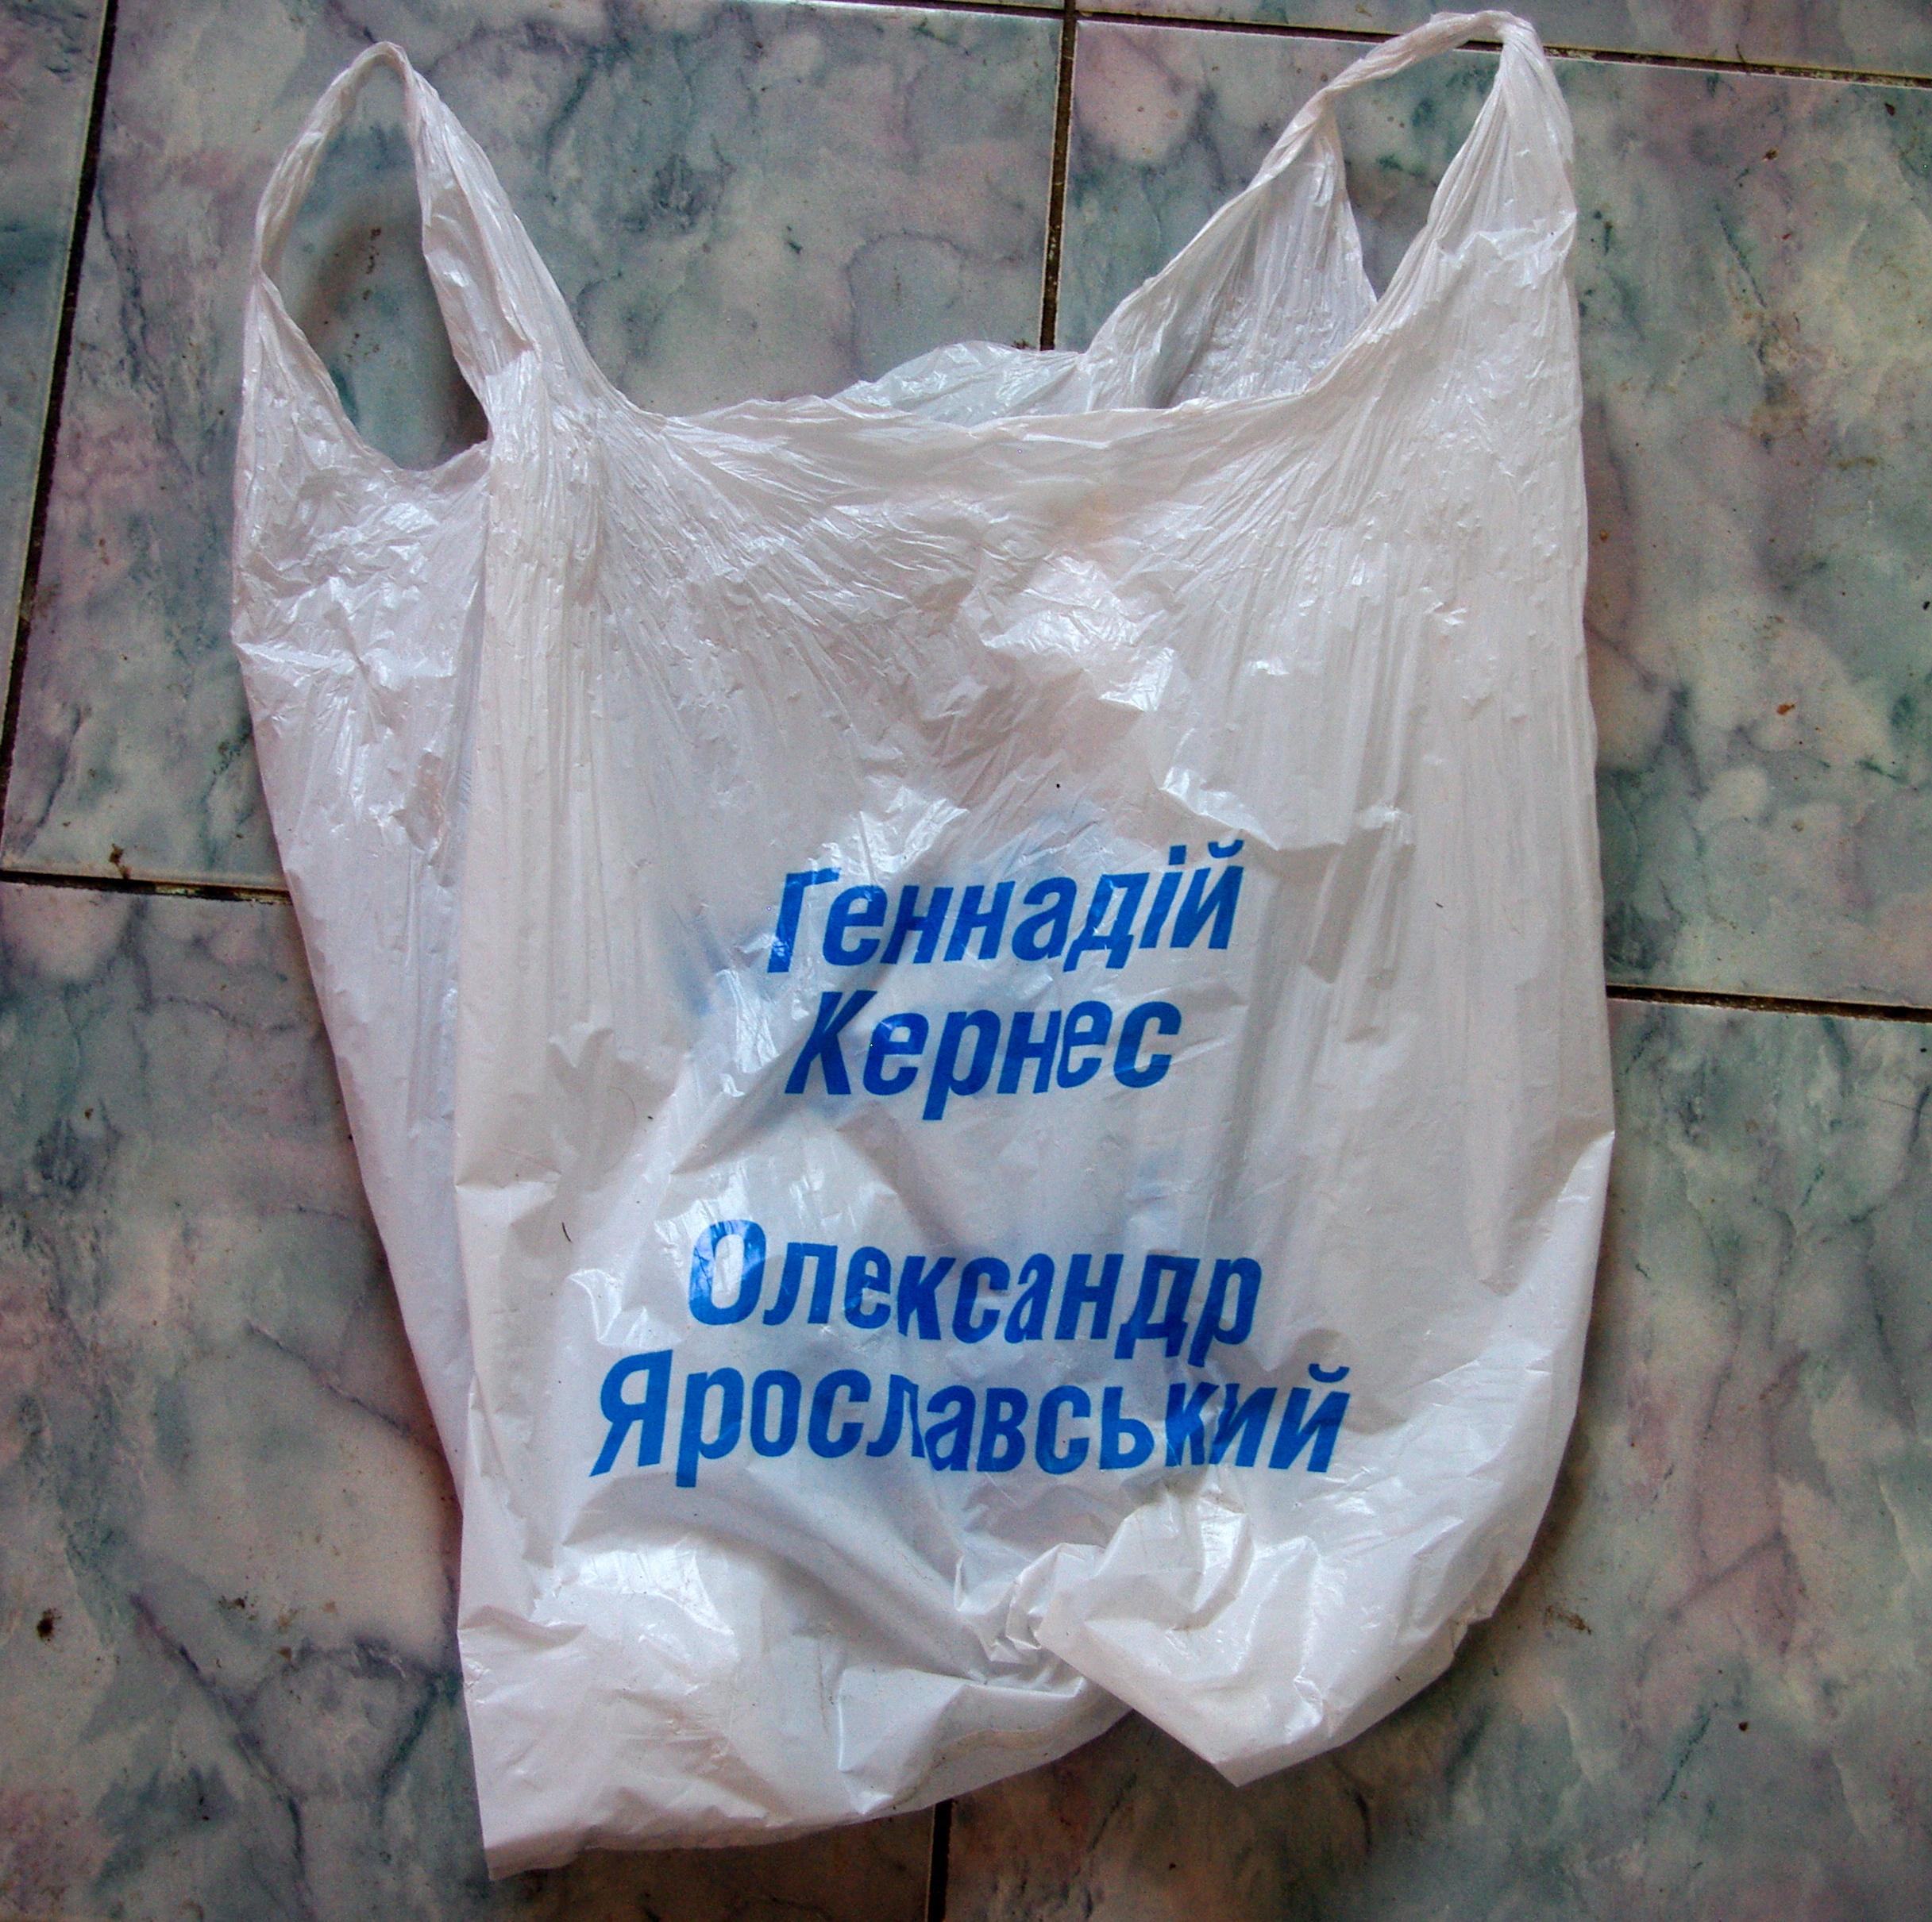 пакетик от кернеса и ярославского